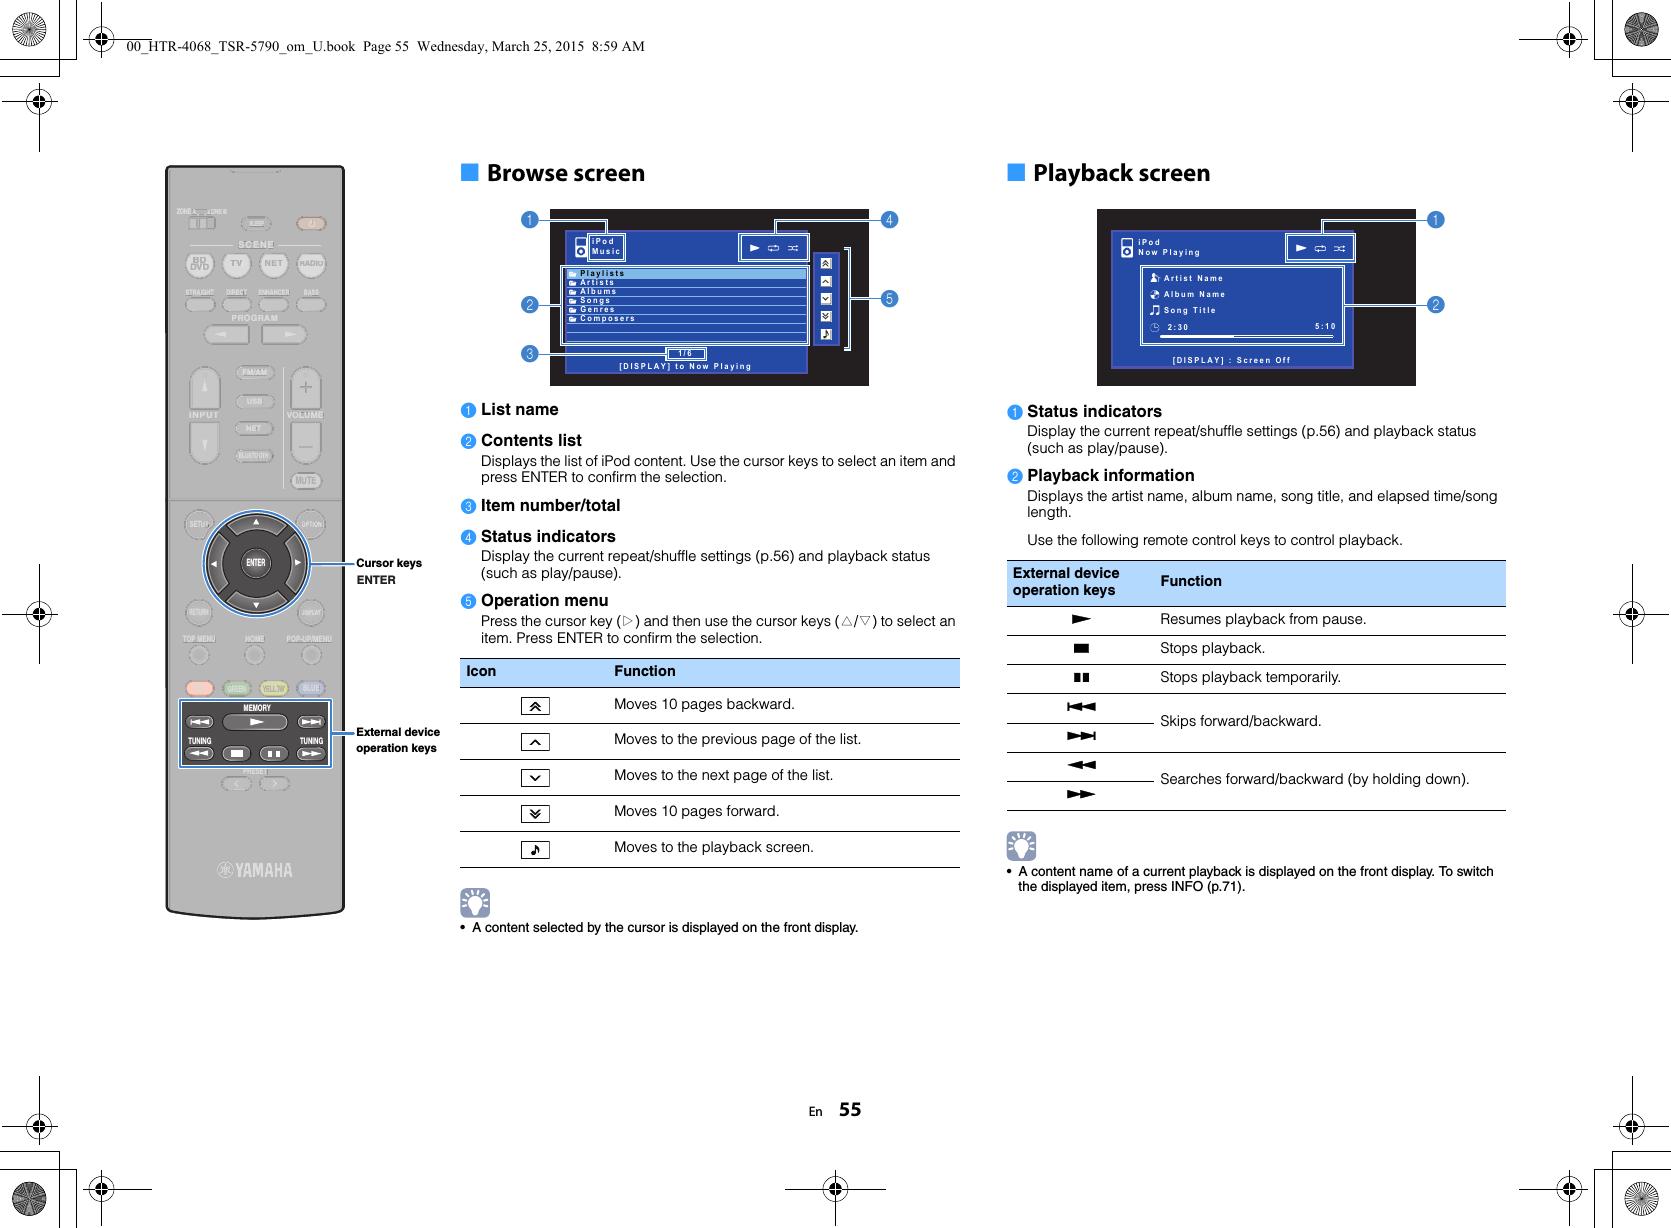 Yamaha TSR 5790/HTR 4068 Owner's Manual HTR 5790 Om UABGLF En